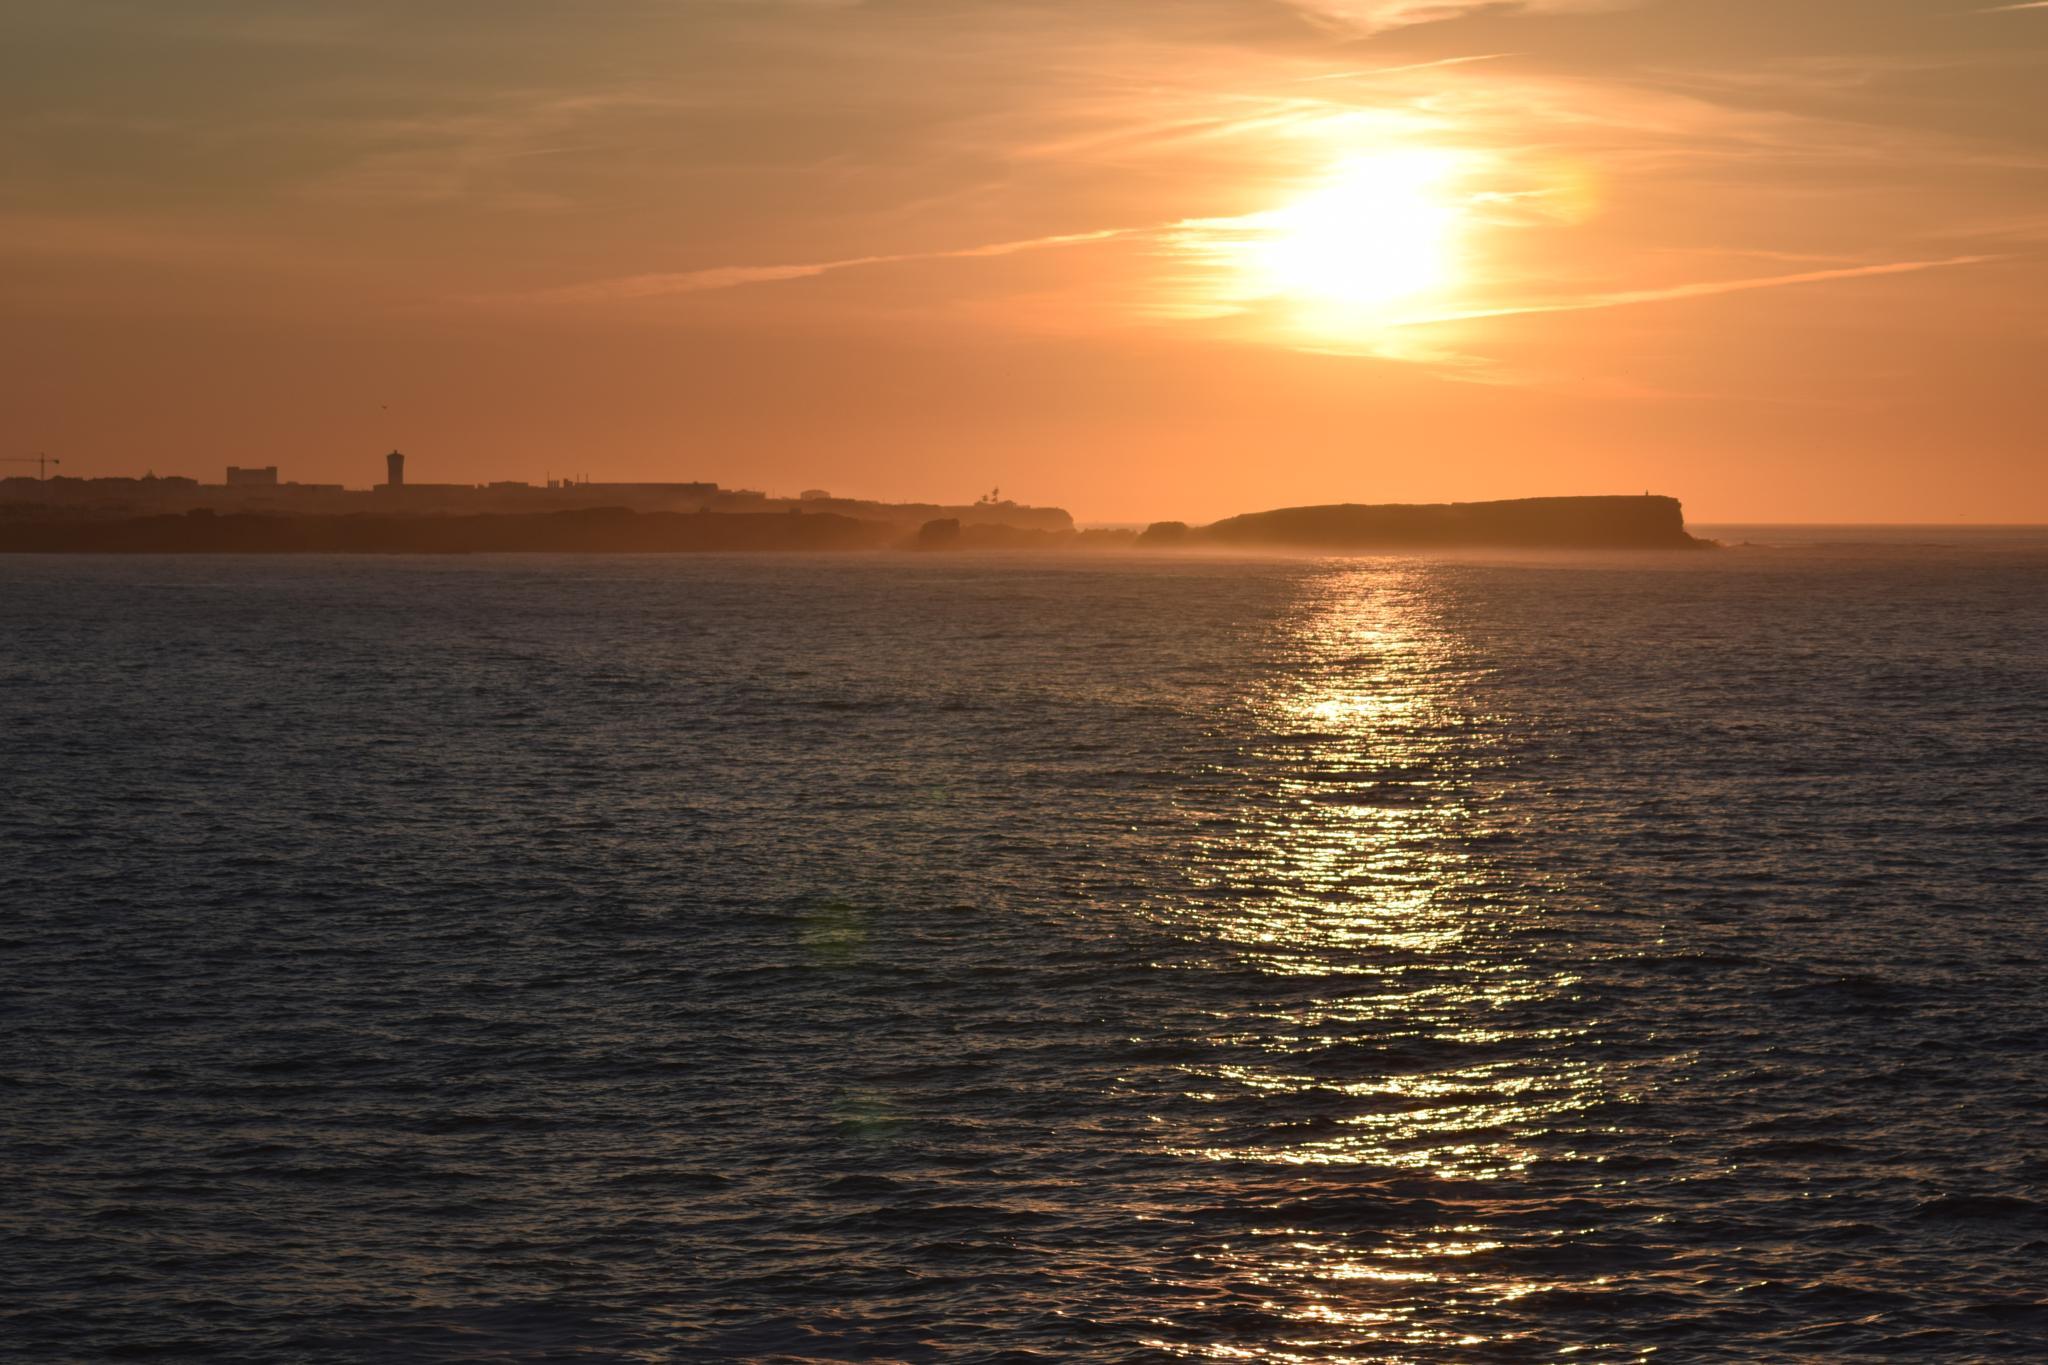 Sunset Peniche-Portugal. by Pedro Ferraz